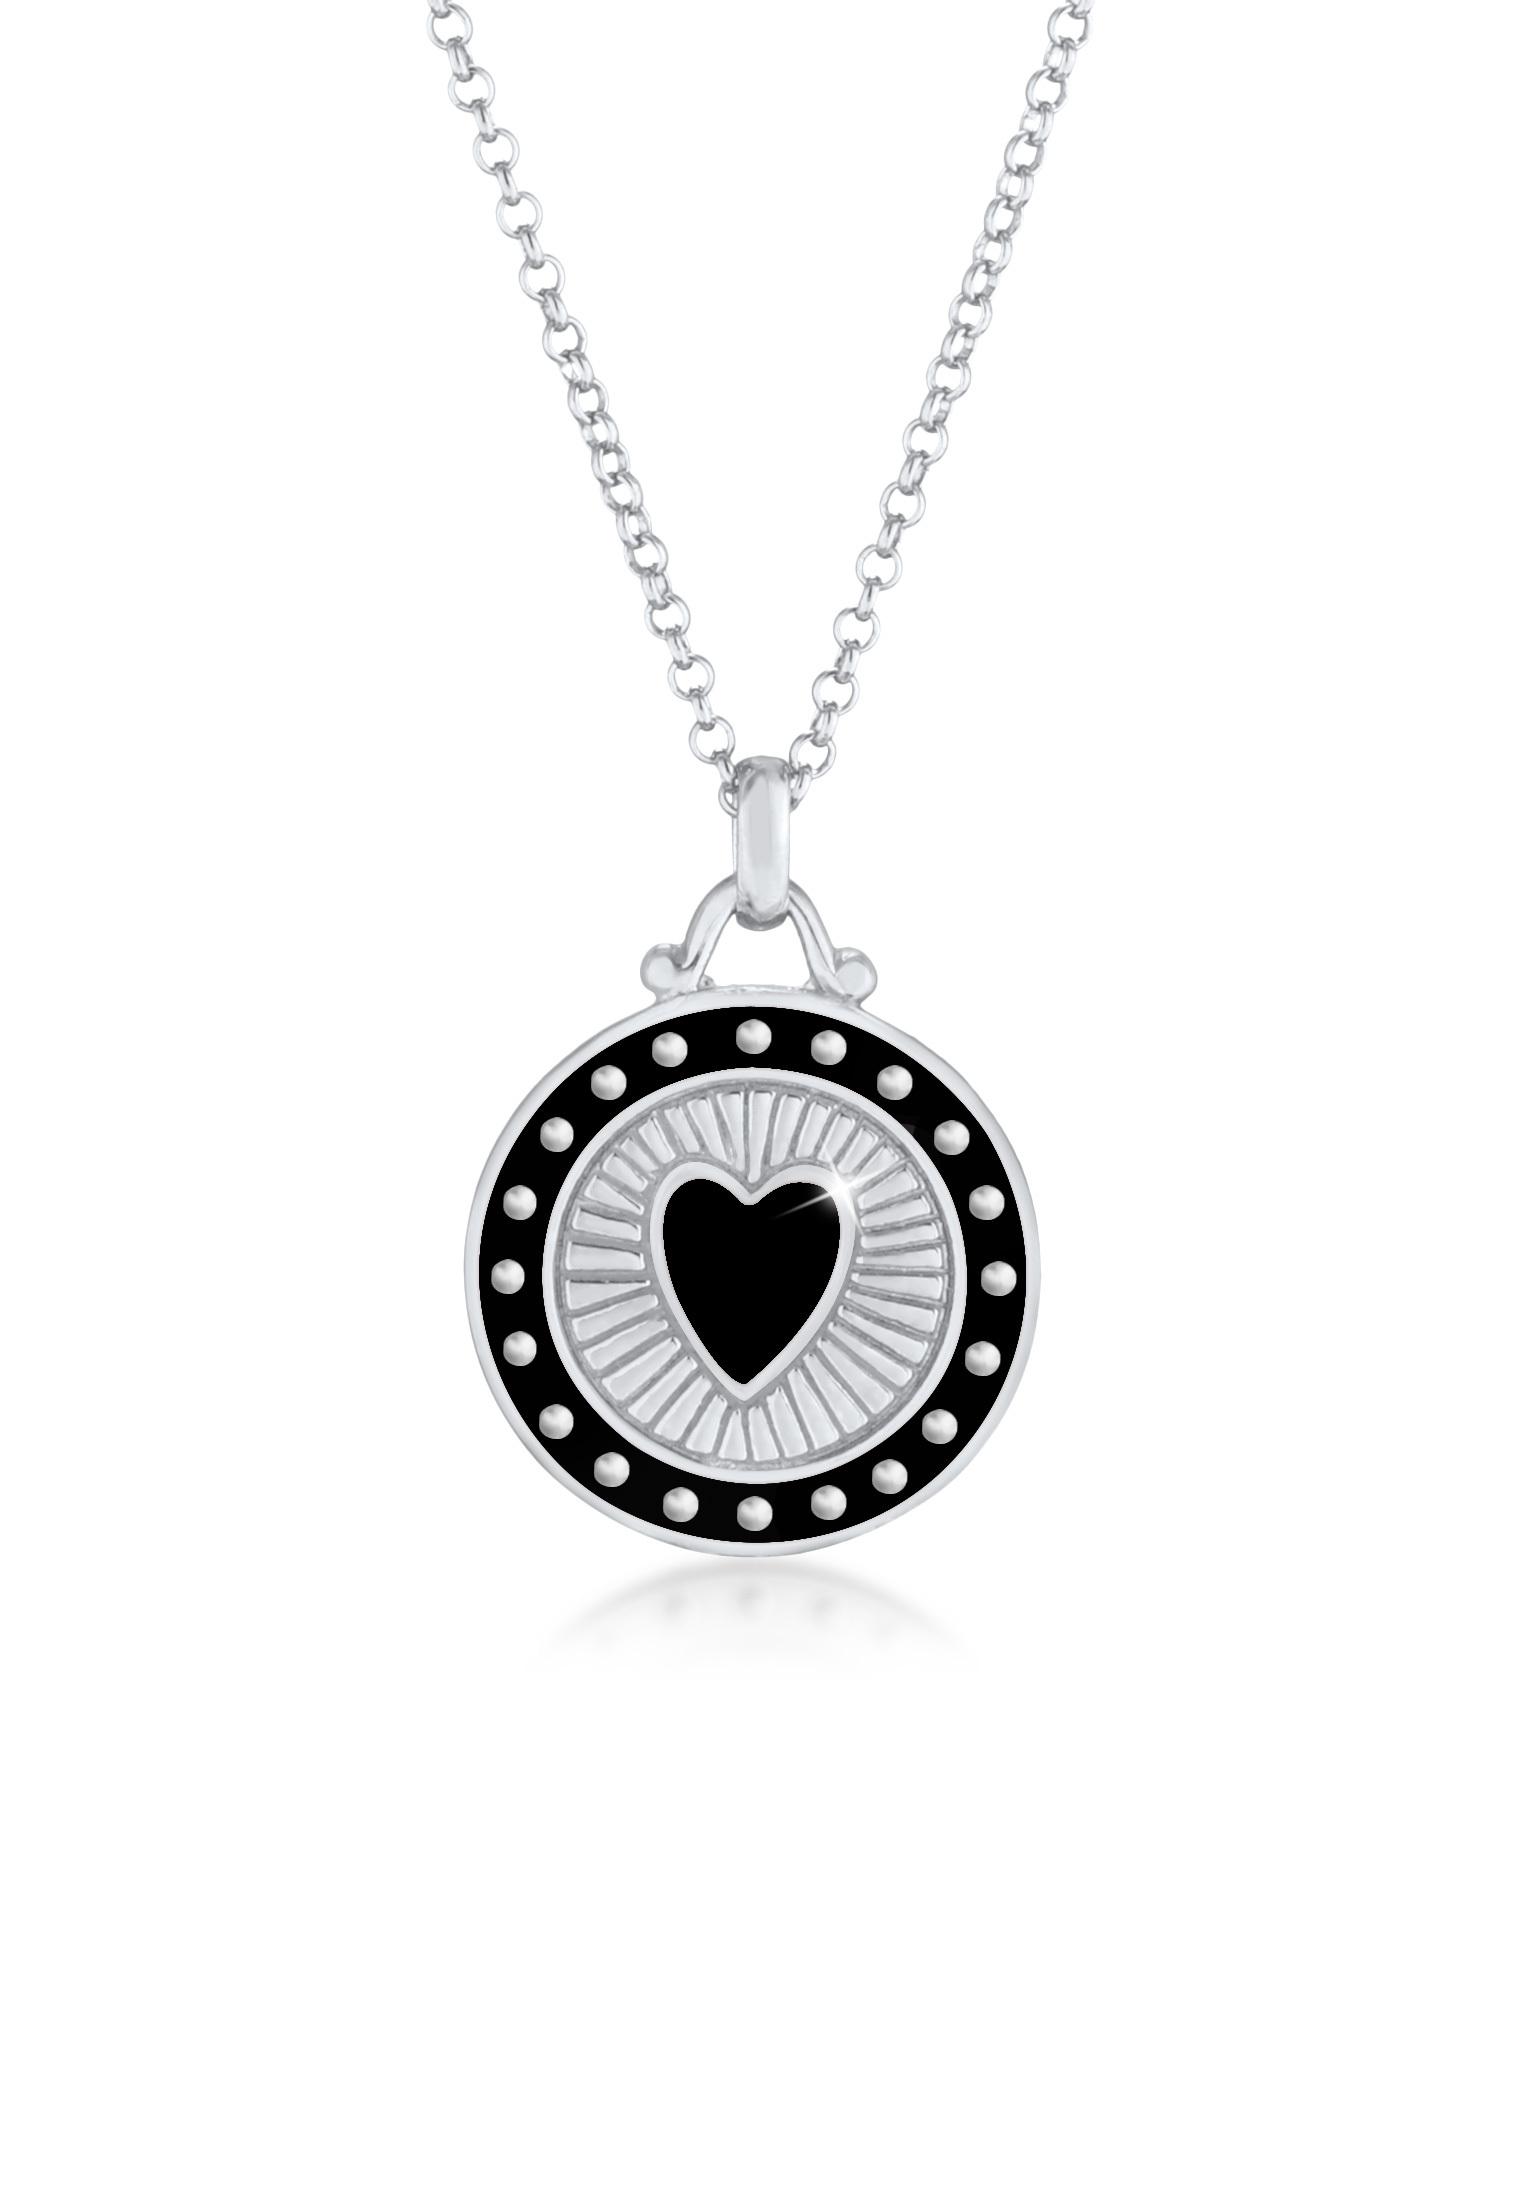 Halskette Herz Münze   Emaille   925er Sterling Silber